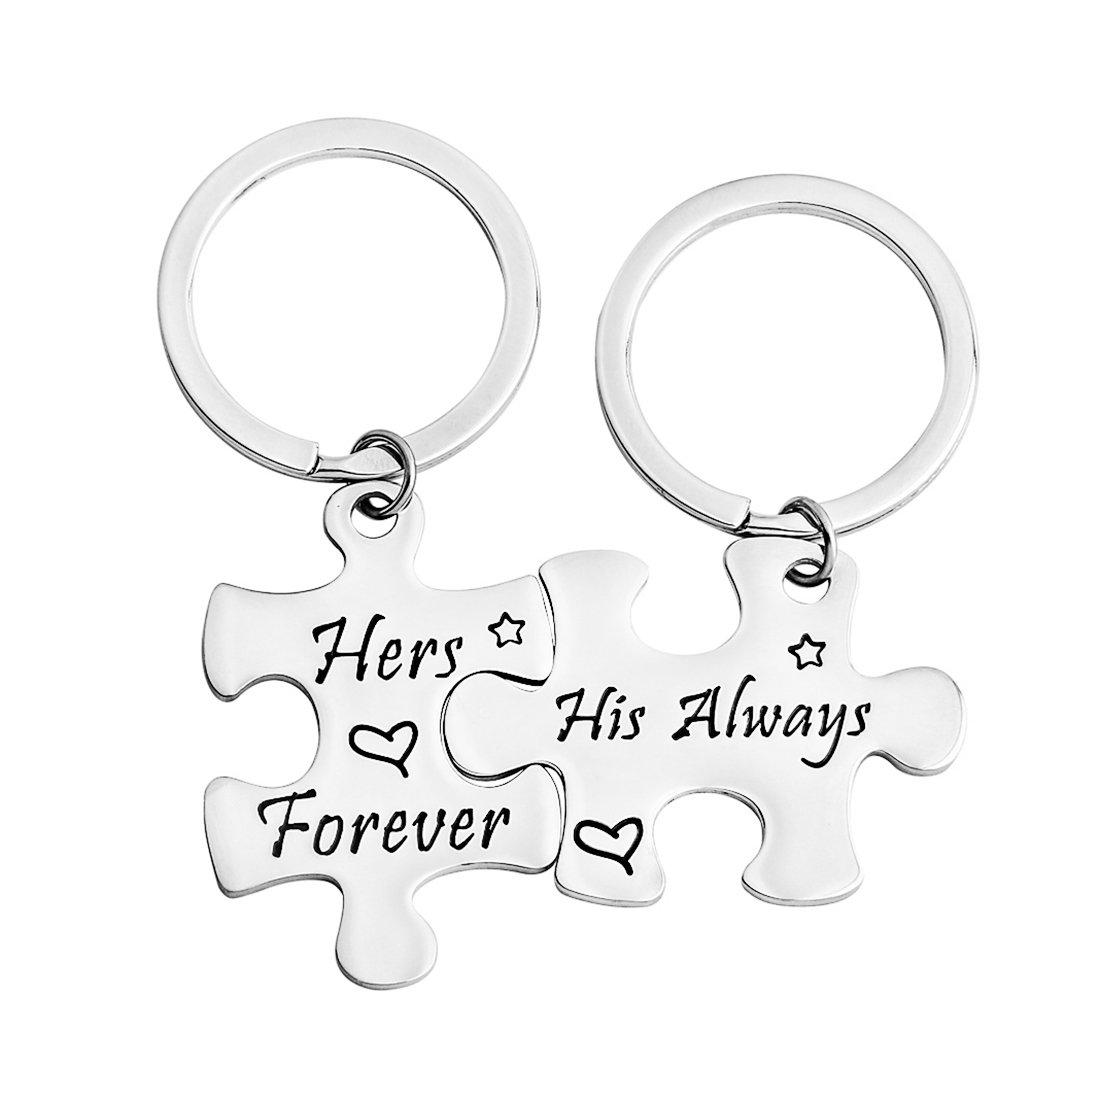 男女Always Foreverパズルピースカップルキーチェーン2個のセットバレンタインギフトを B0784B4WRY always forever set